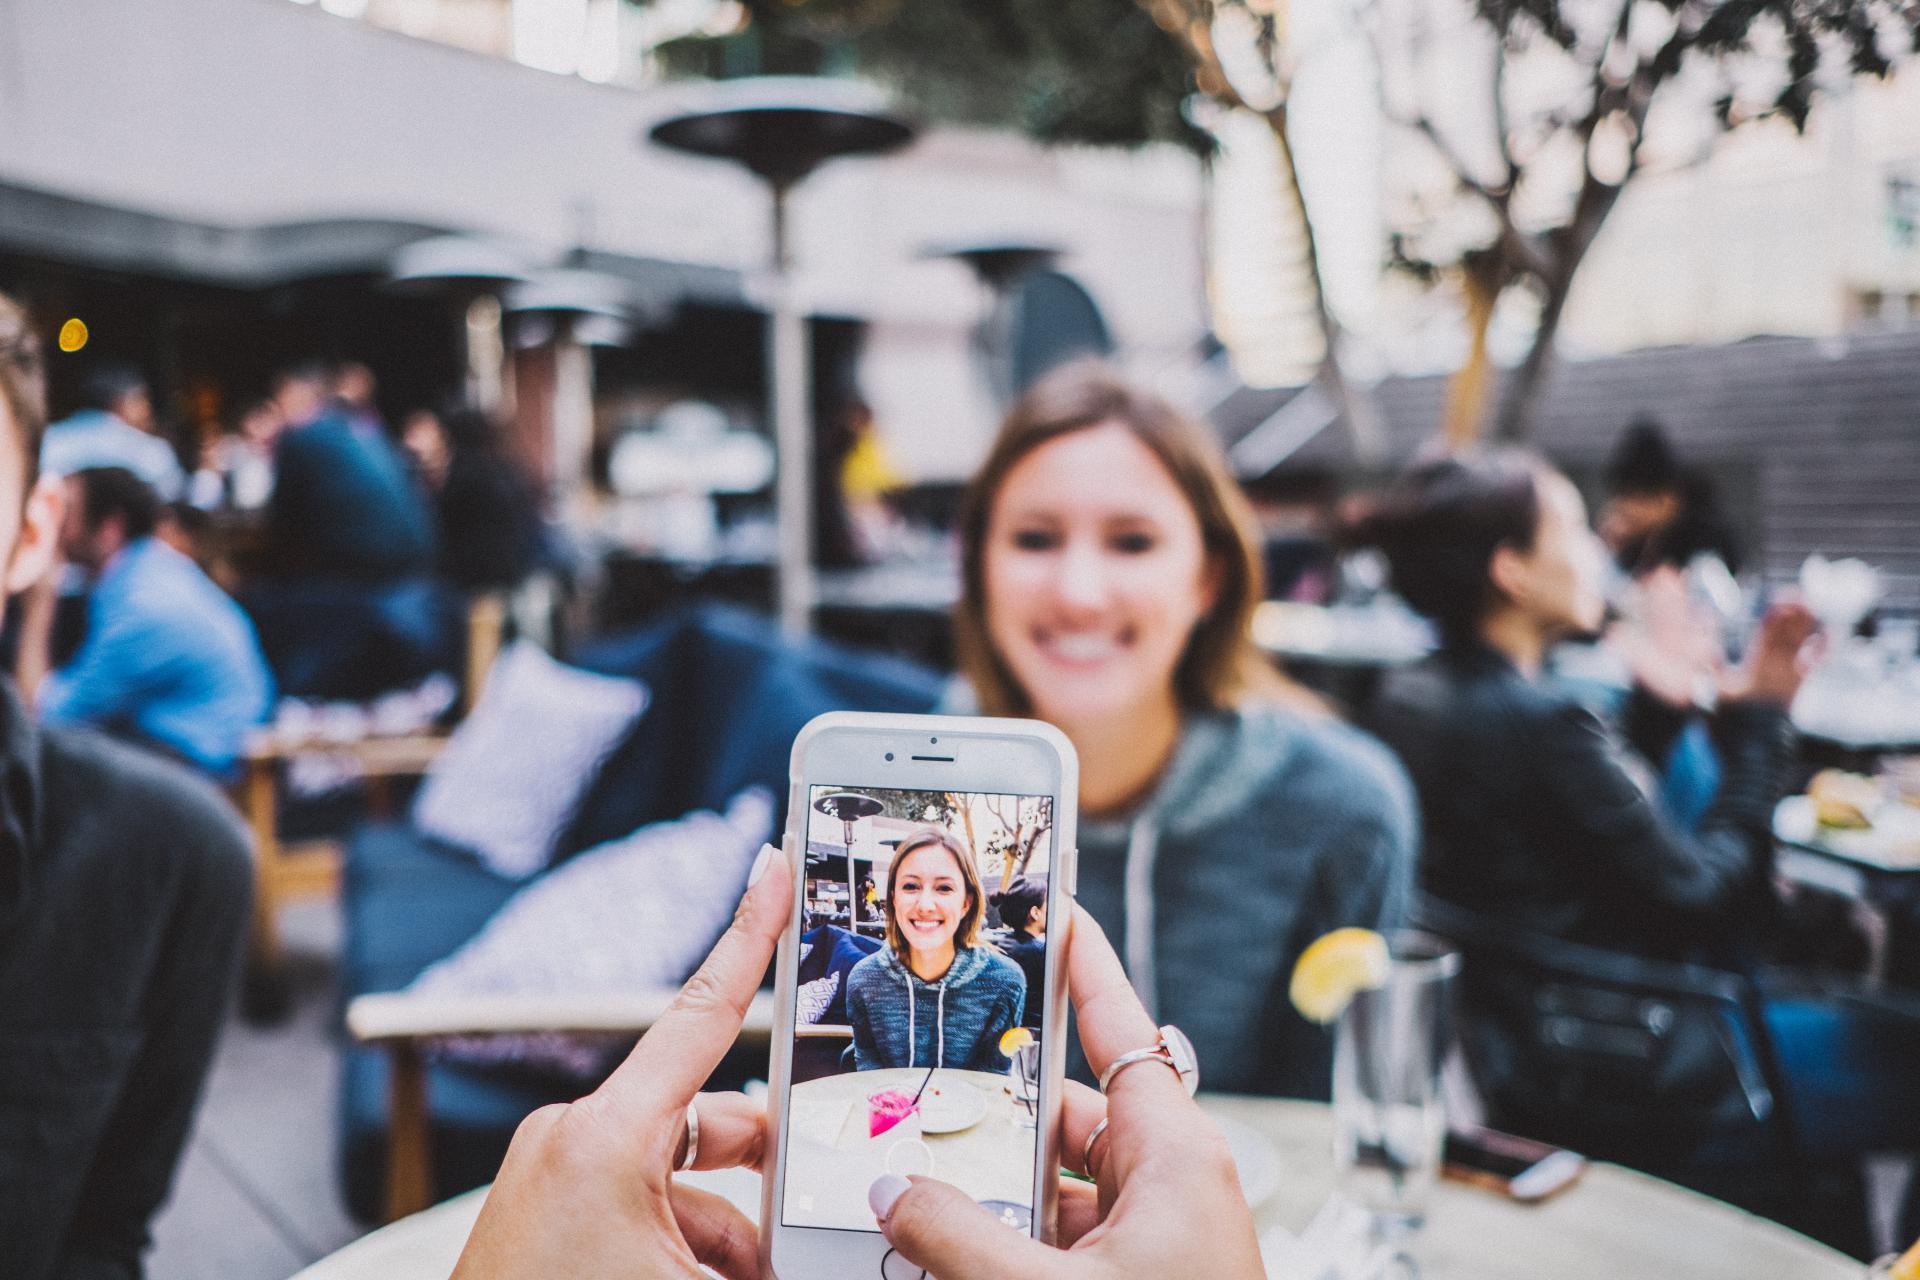 Κοπέλα τραβάει φωτογραφία την φίλη της με το κινητό